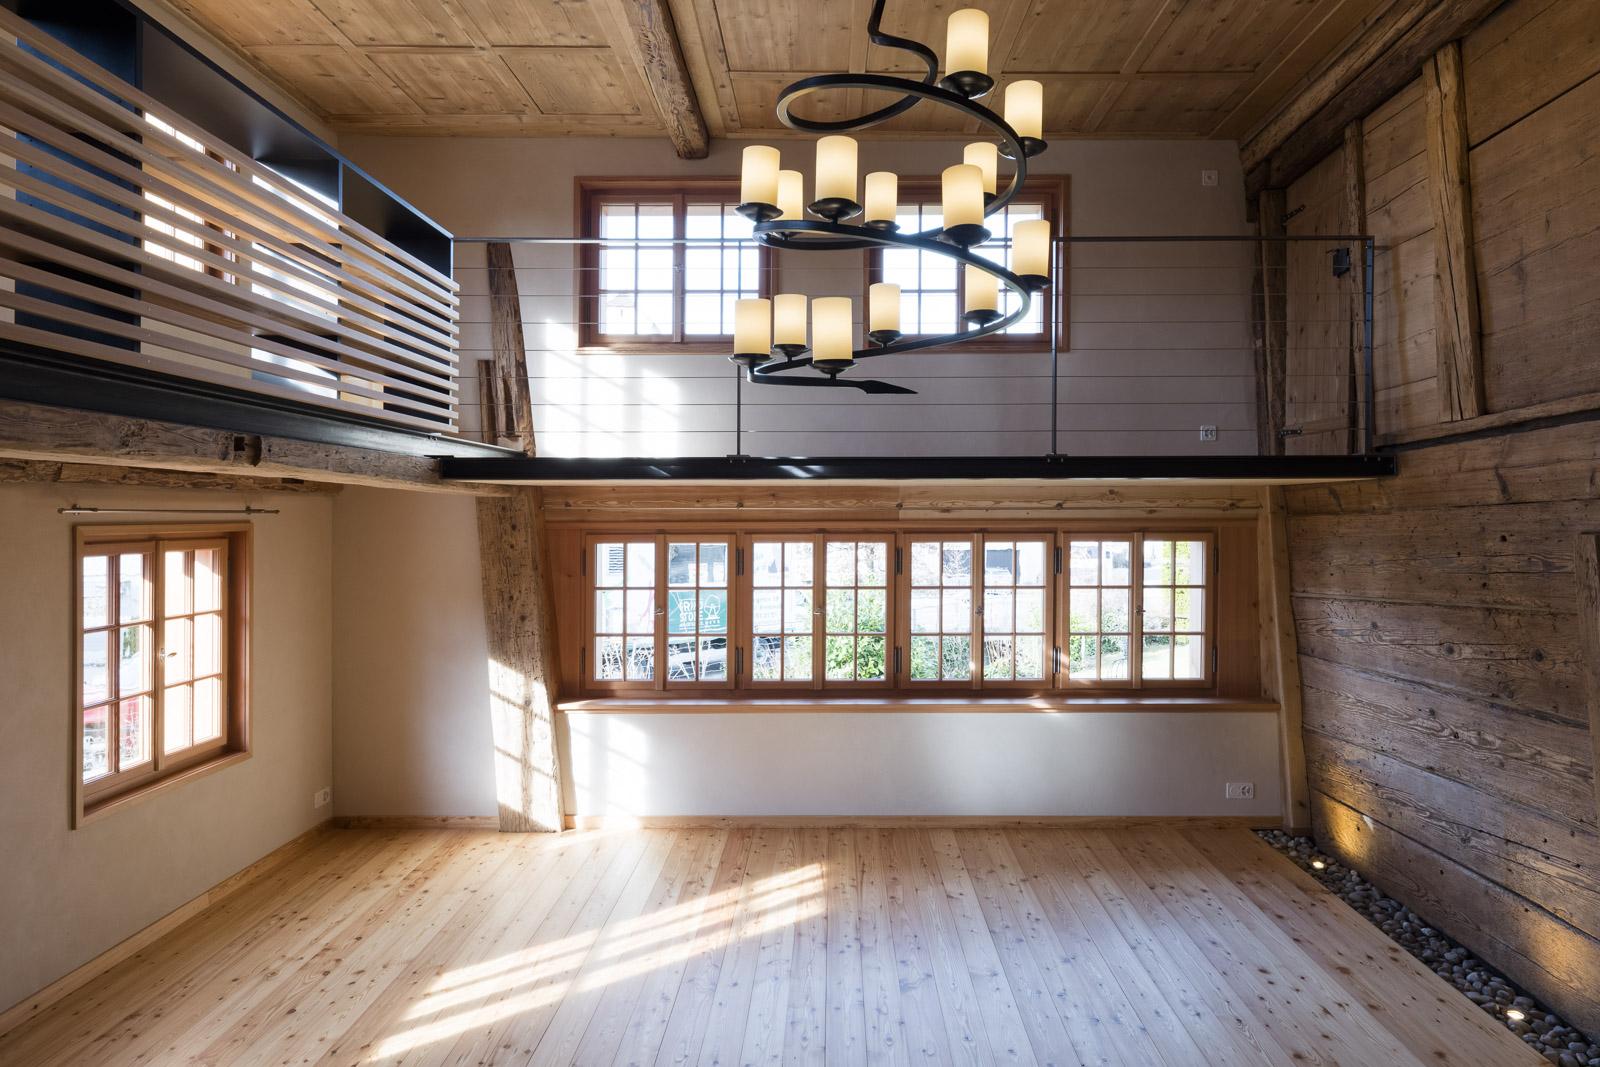 Komplett renoviertes bauernhaus in waldkirch sg f r architekt philipp hostettler 2017 - Architekt bauernhaus ...